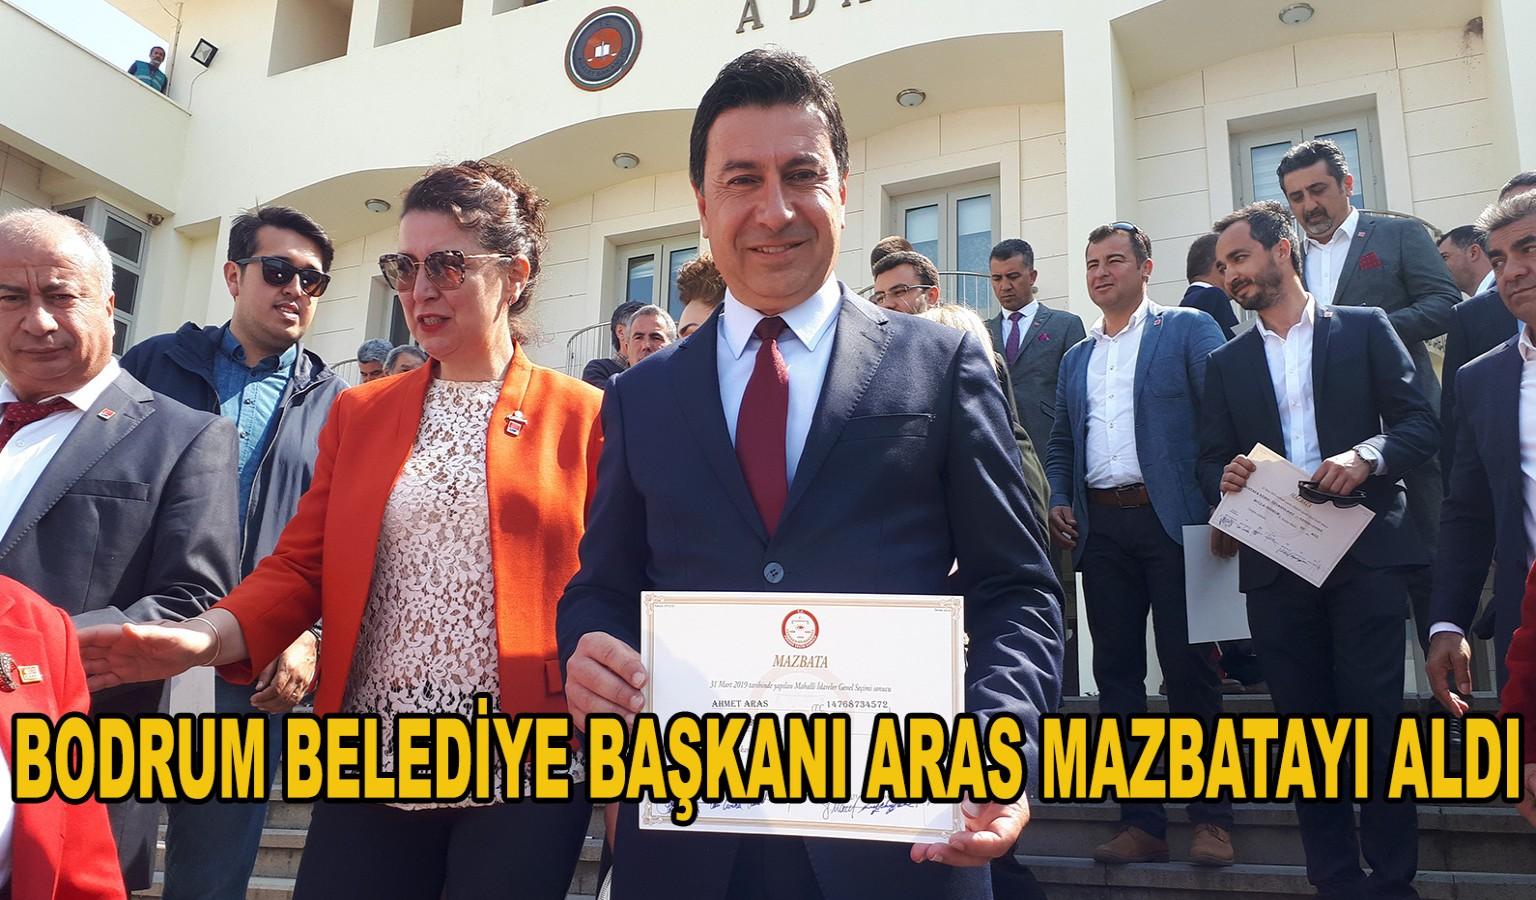 BODRUM BELEDİYE BAŞKANI ARAS MAZBATAYI ALDI